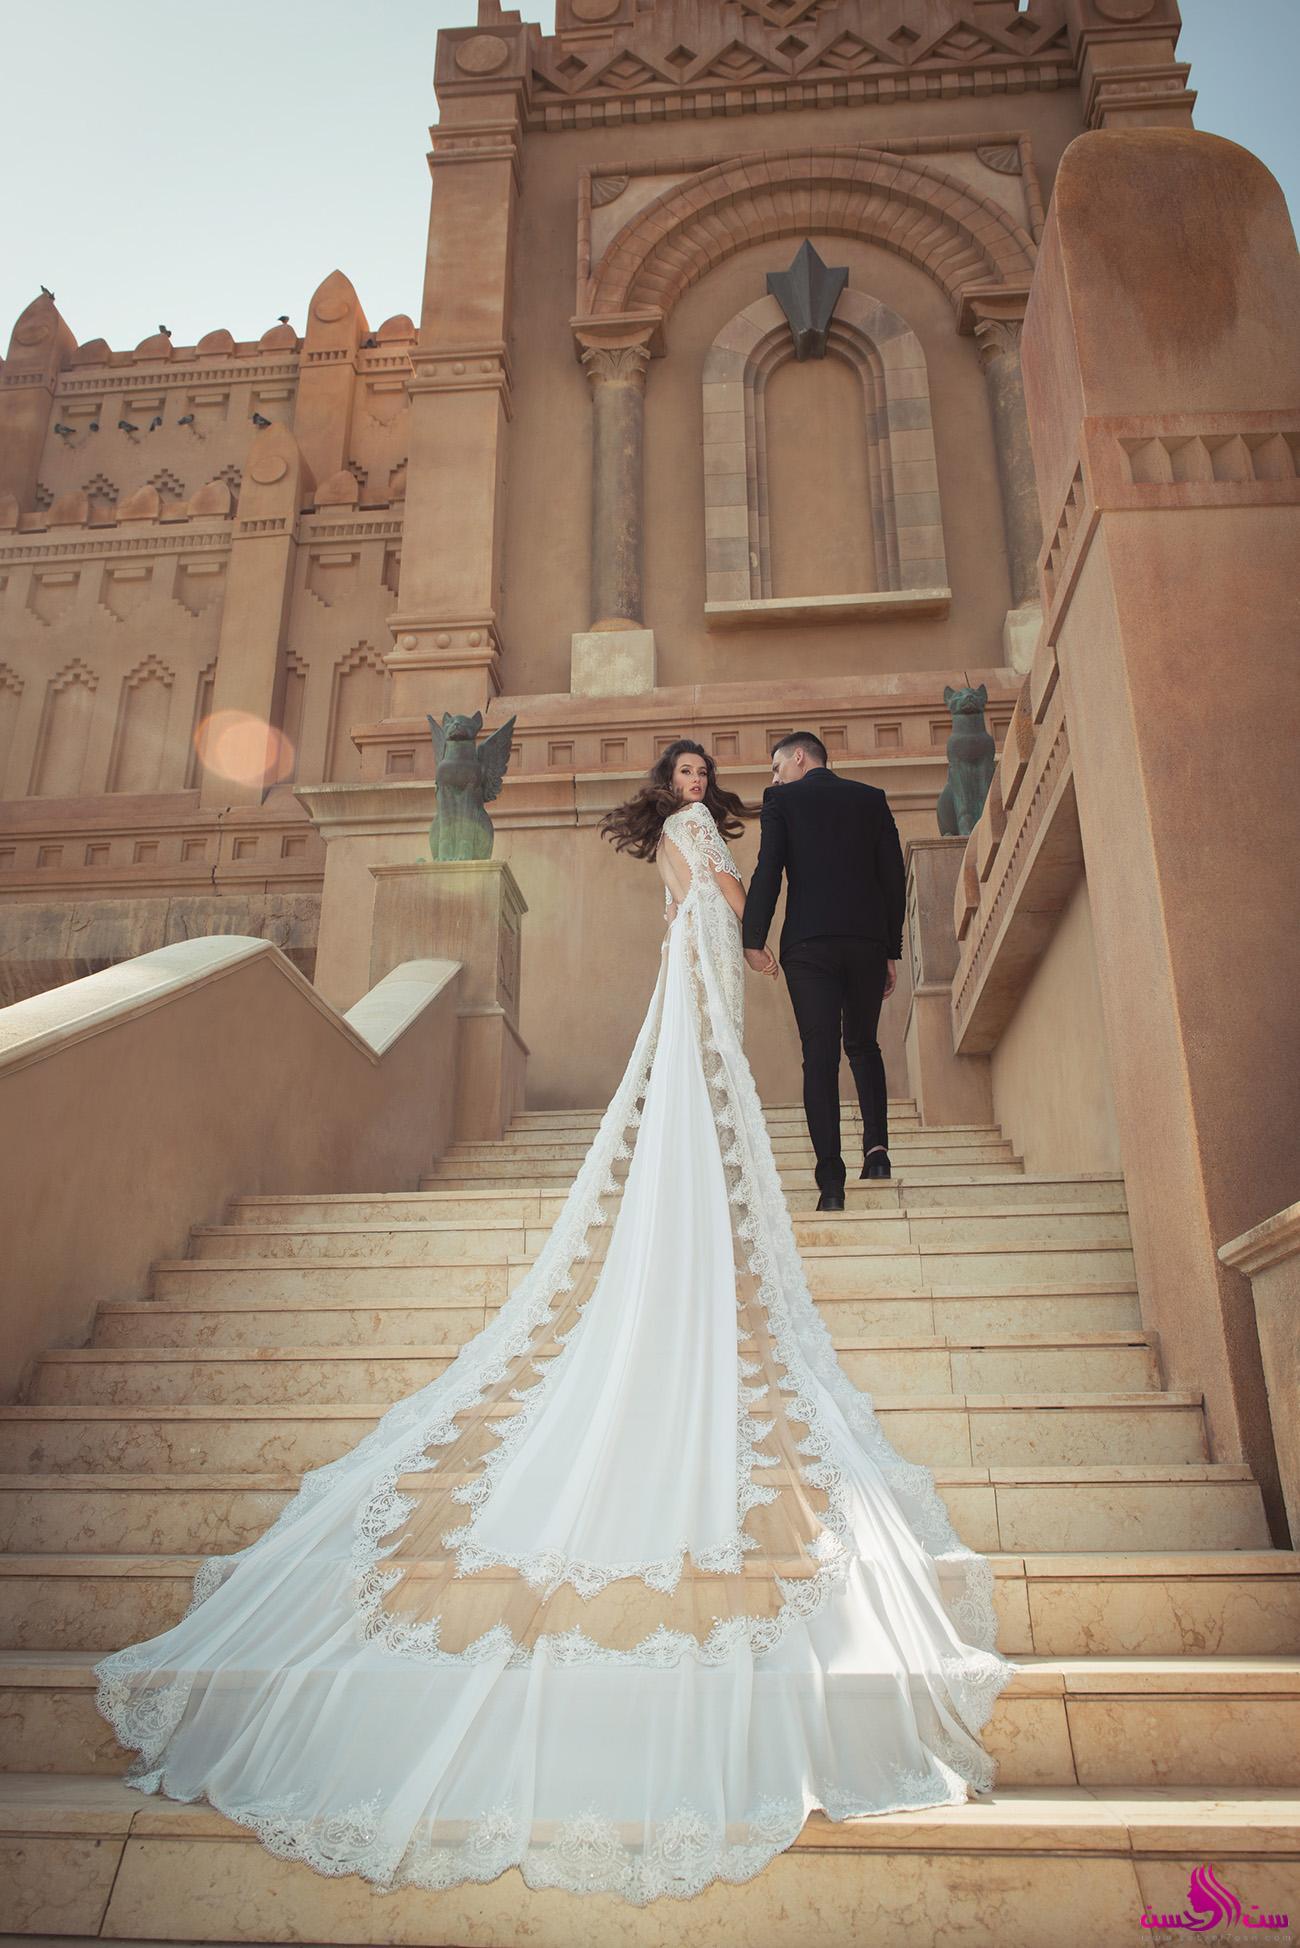 صور احدث فساتين الزفاف 2019 , اروع فساتين زفاف لعام 2019